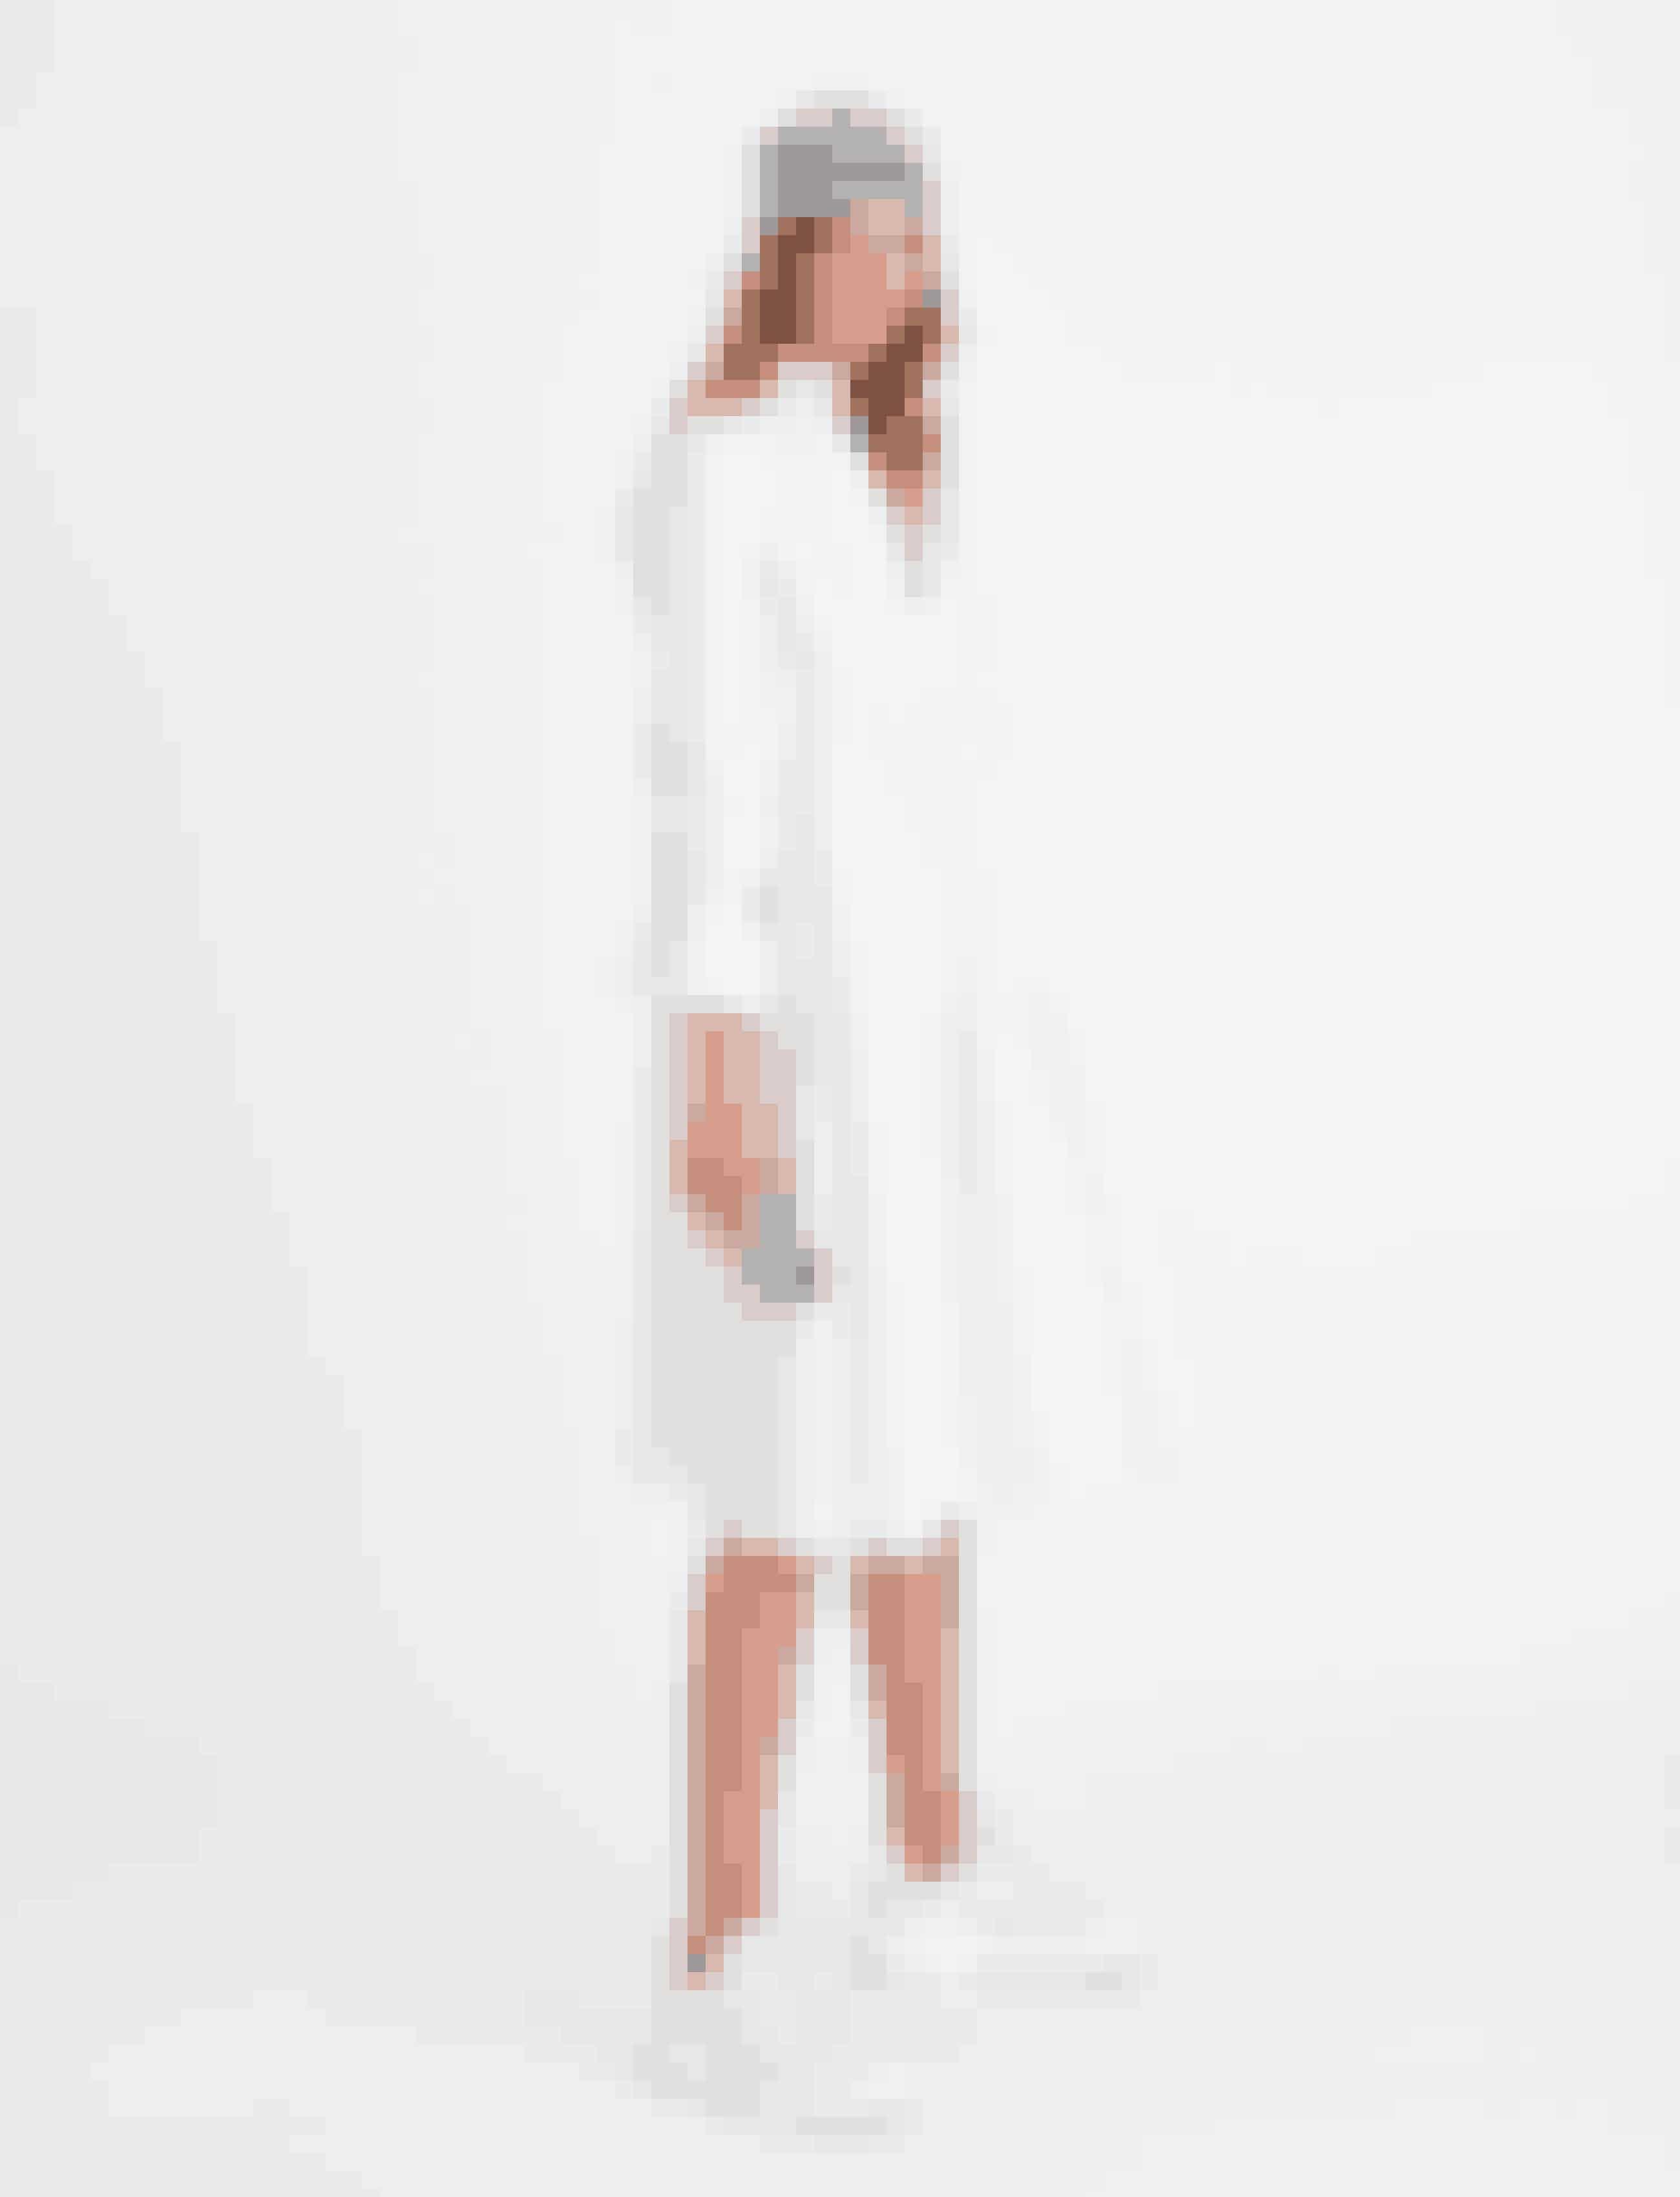 Skjortekjole, 2.299 kr., iPhone cover, 199 kr., Silketørklæde, 799 kr.,eksklusivt hos Boozt.com